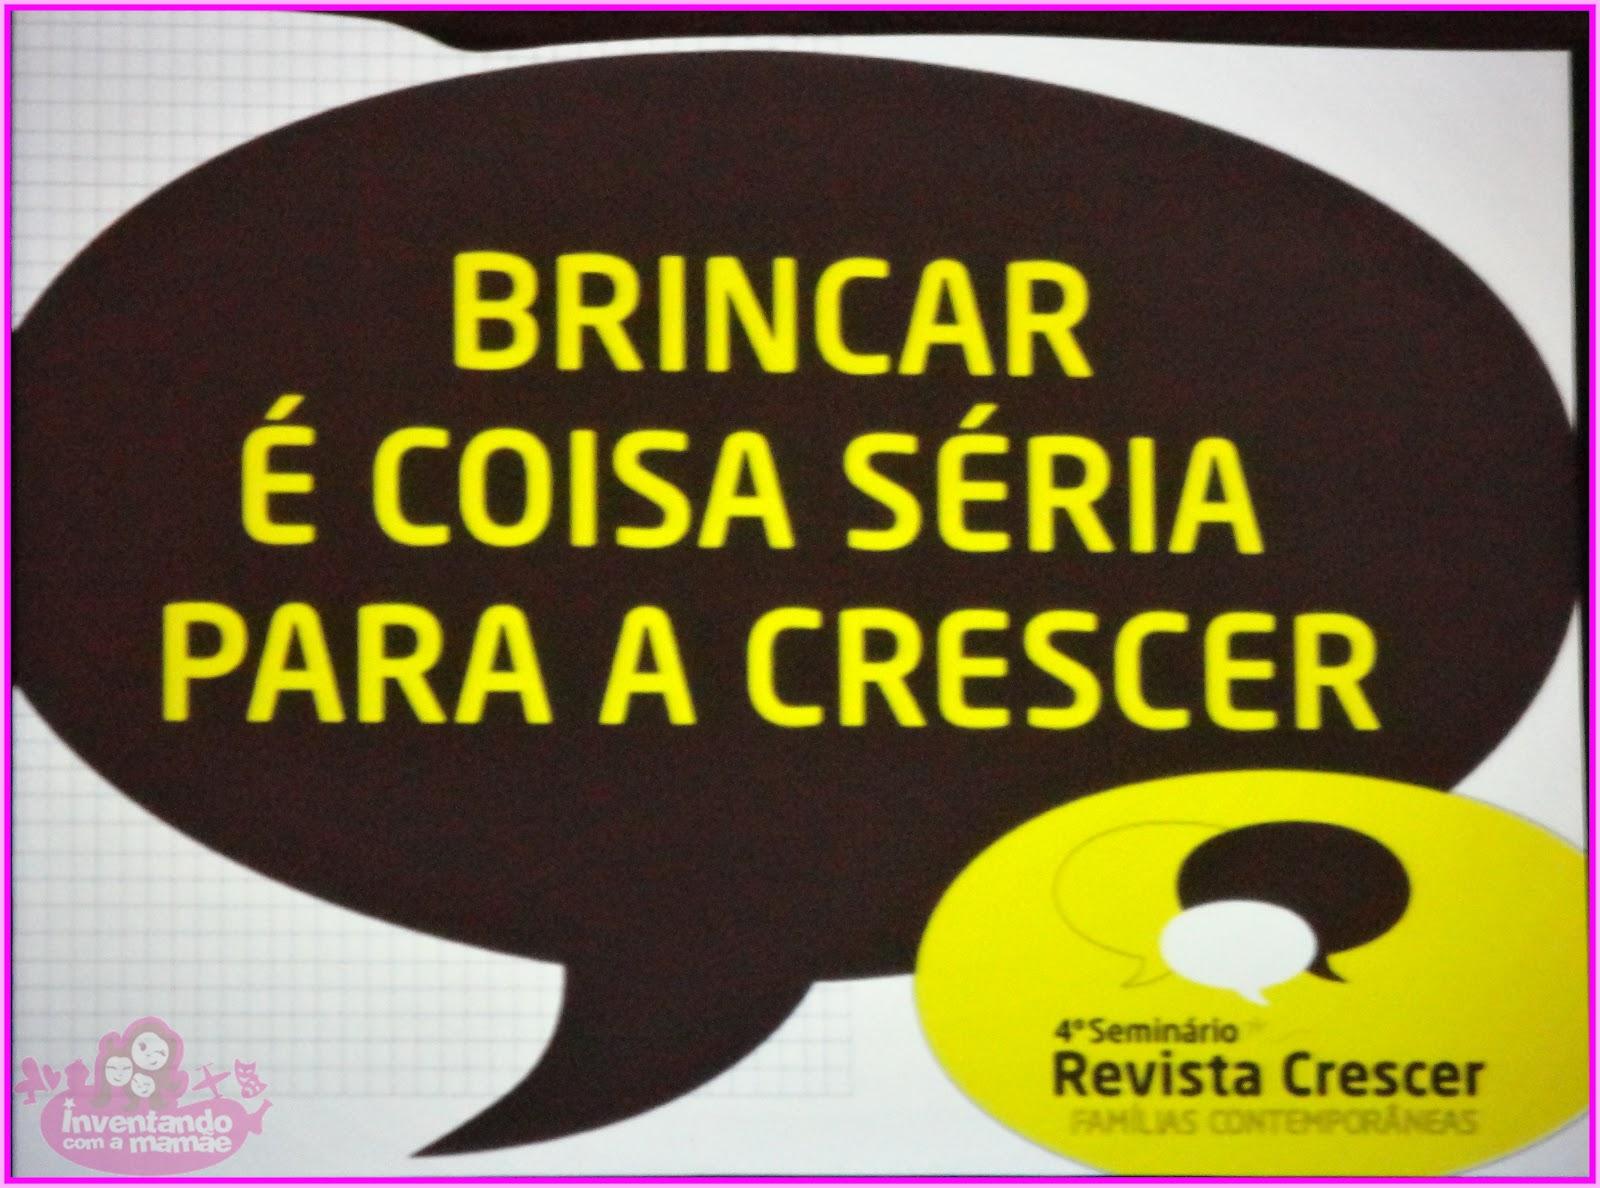 Armario De Quarto Feito De Caixote ~ A Import u00e2ncia do Brincar 4 u00ba Seminário da Revista Crescer Inventando com a mam u00e3e